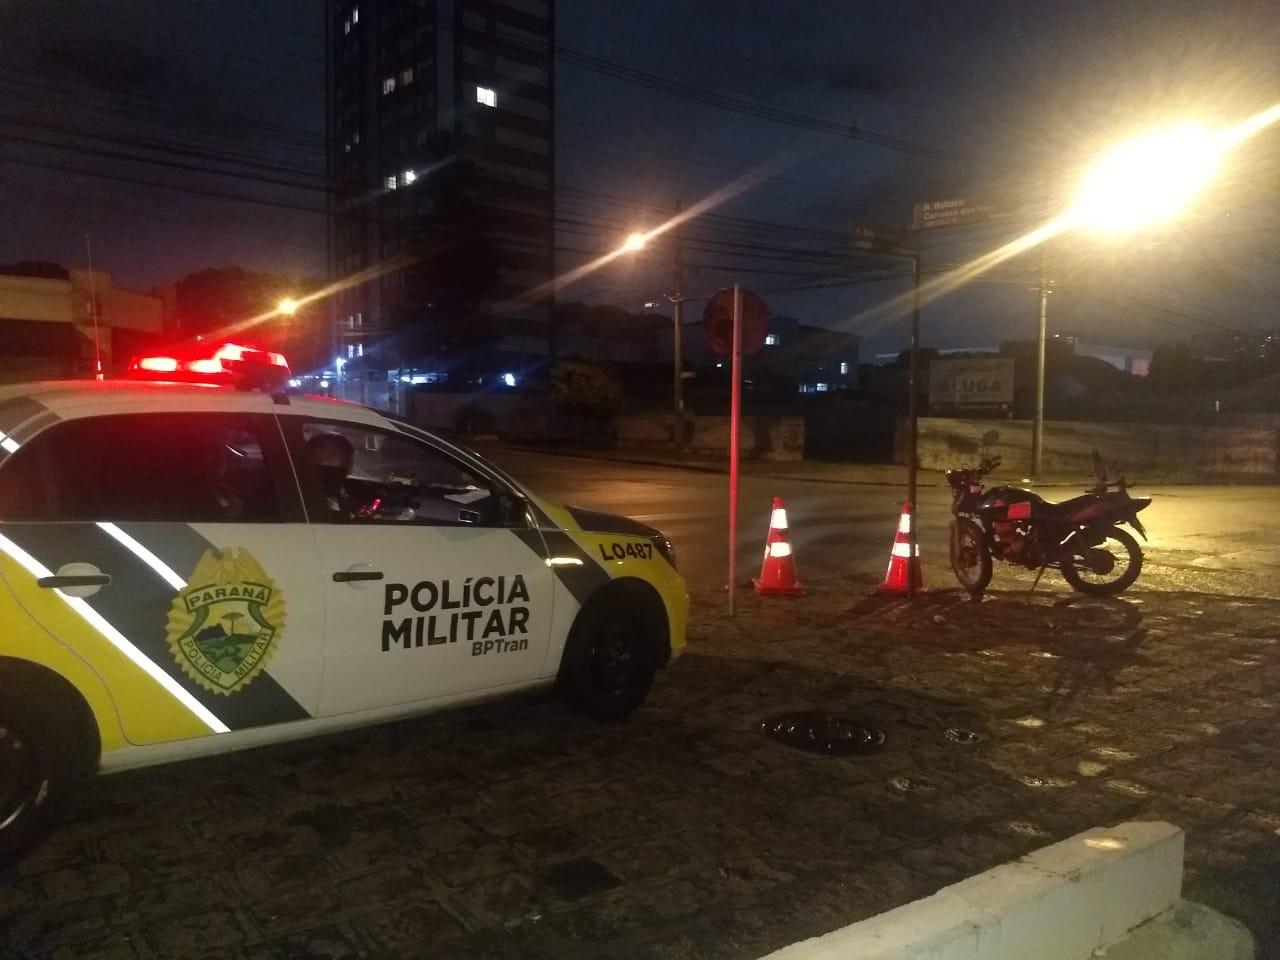 Adolescente bate moto contra carro e fica gravemente ferido em Curitiba, diz PM - Noticias